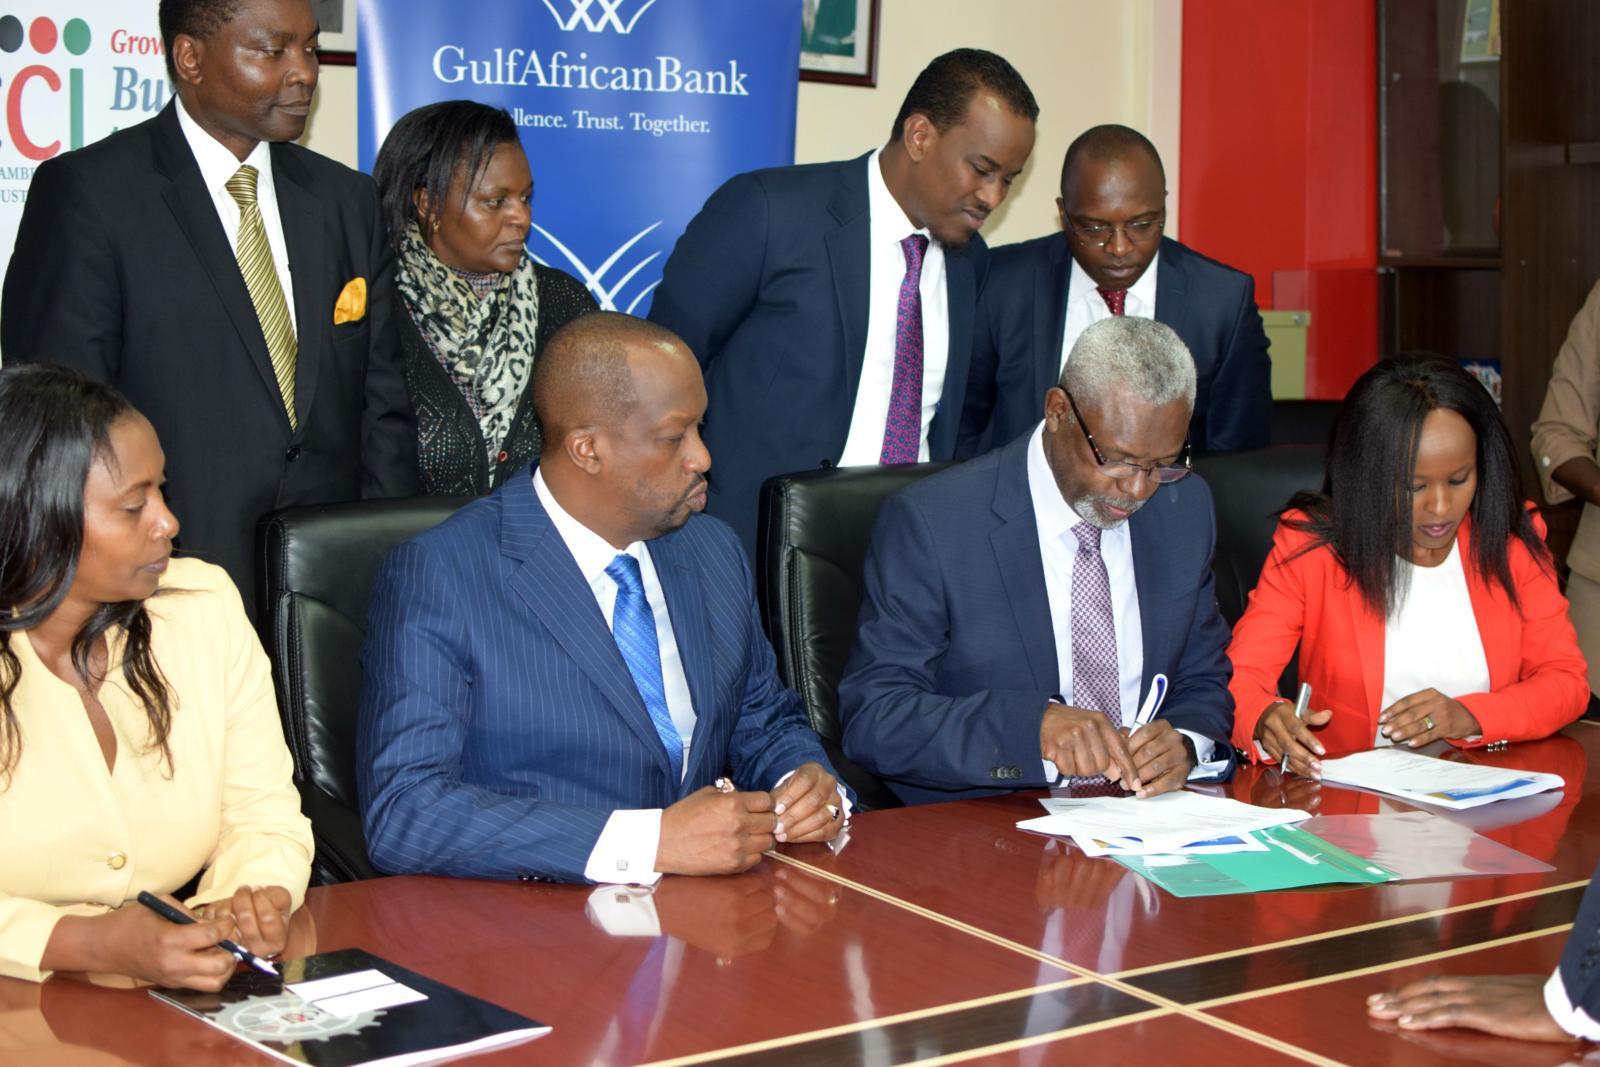 GAB/KNCCI partnership